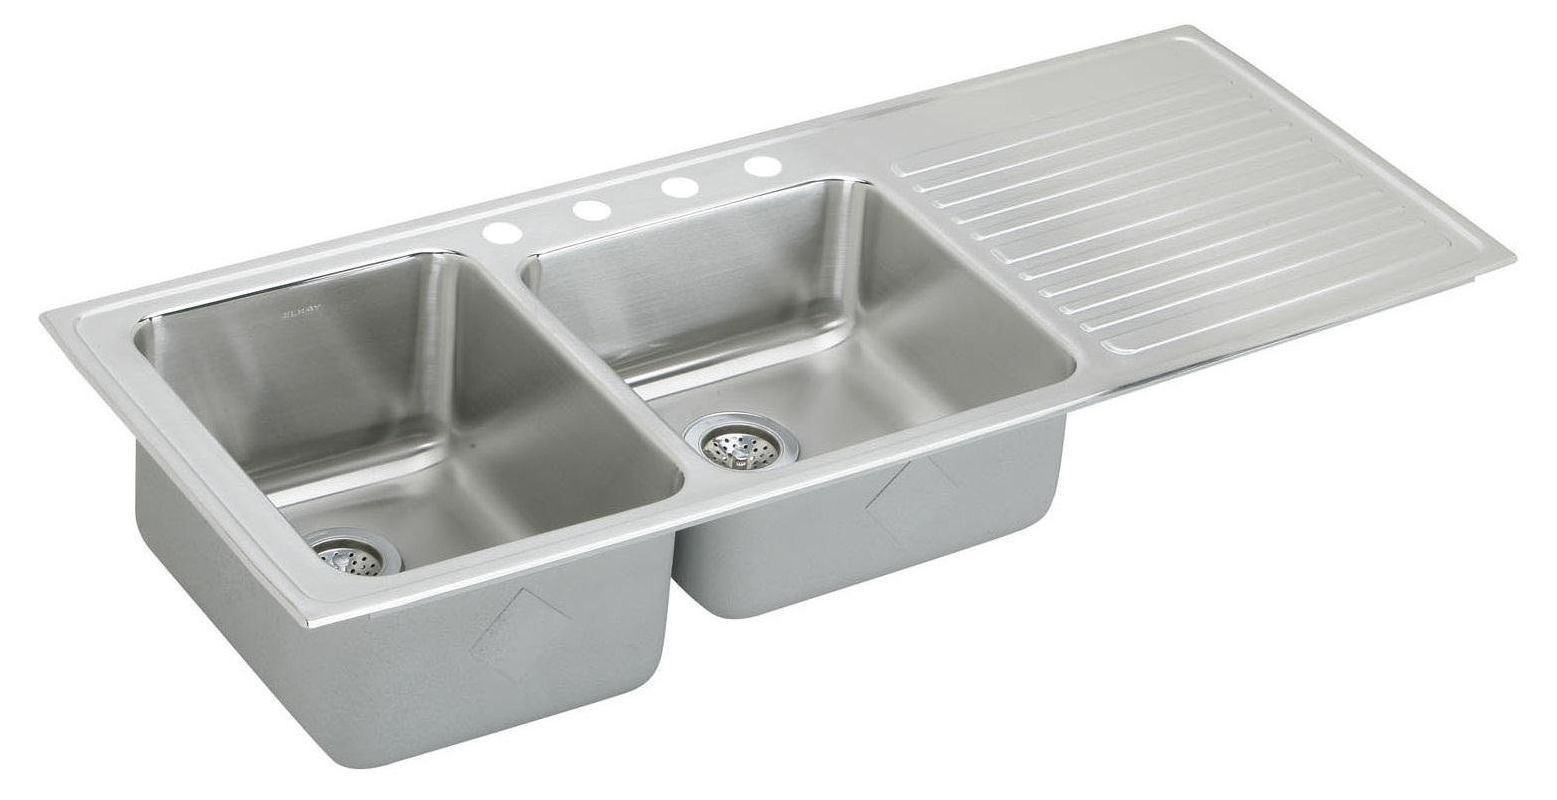 Elkay Ilgr5422l Top Mount Kitchen Sink Sink Stainless Steel Sinks